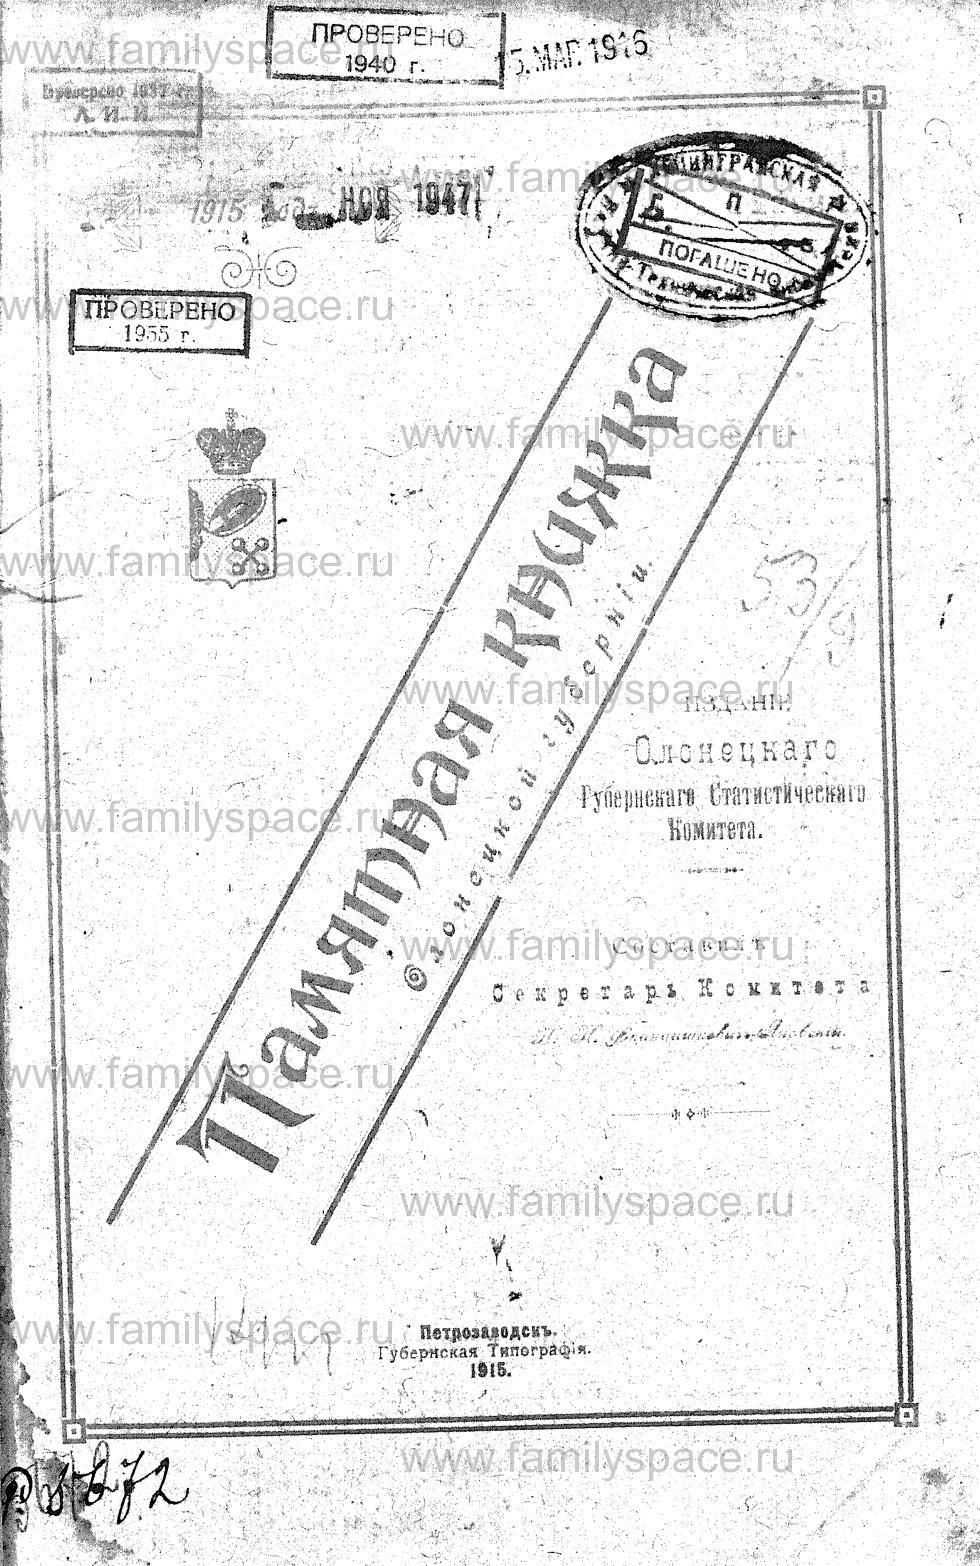 Поиск по фамилии - Памятная книжка Олонецкой губернии на 1915 г, страница 1